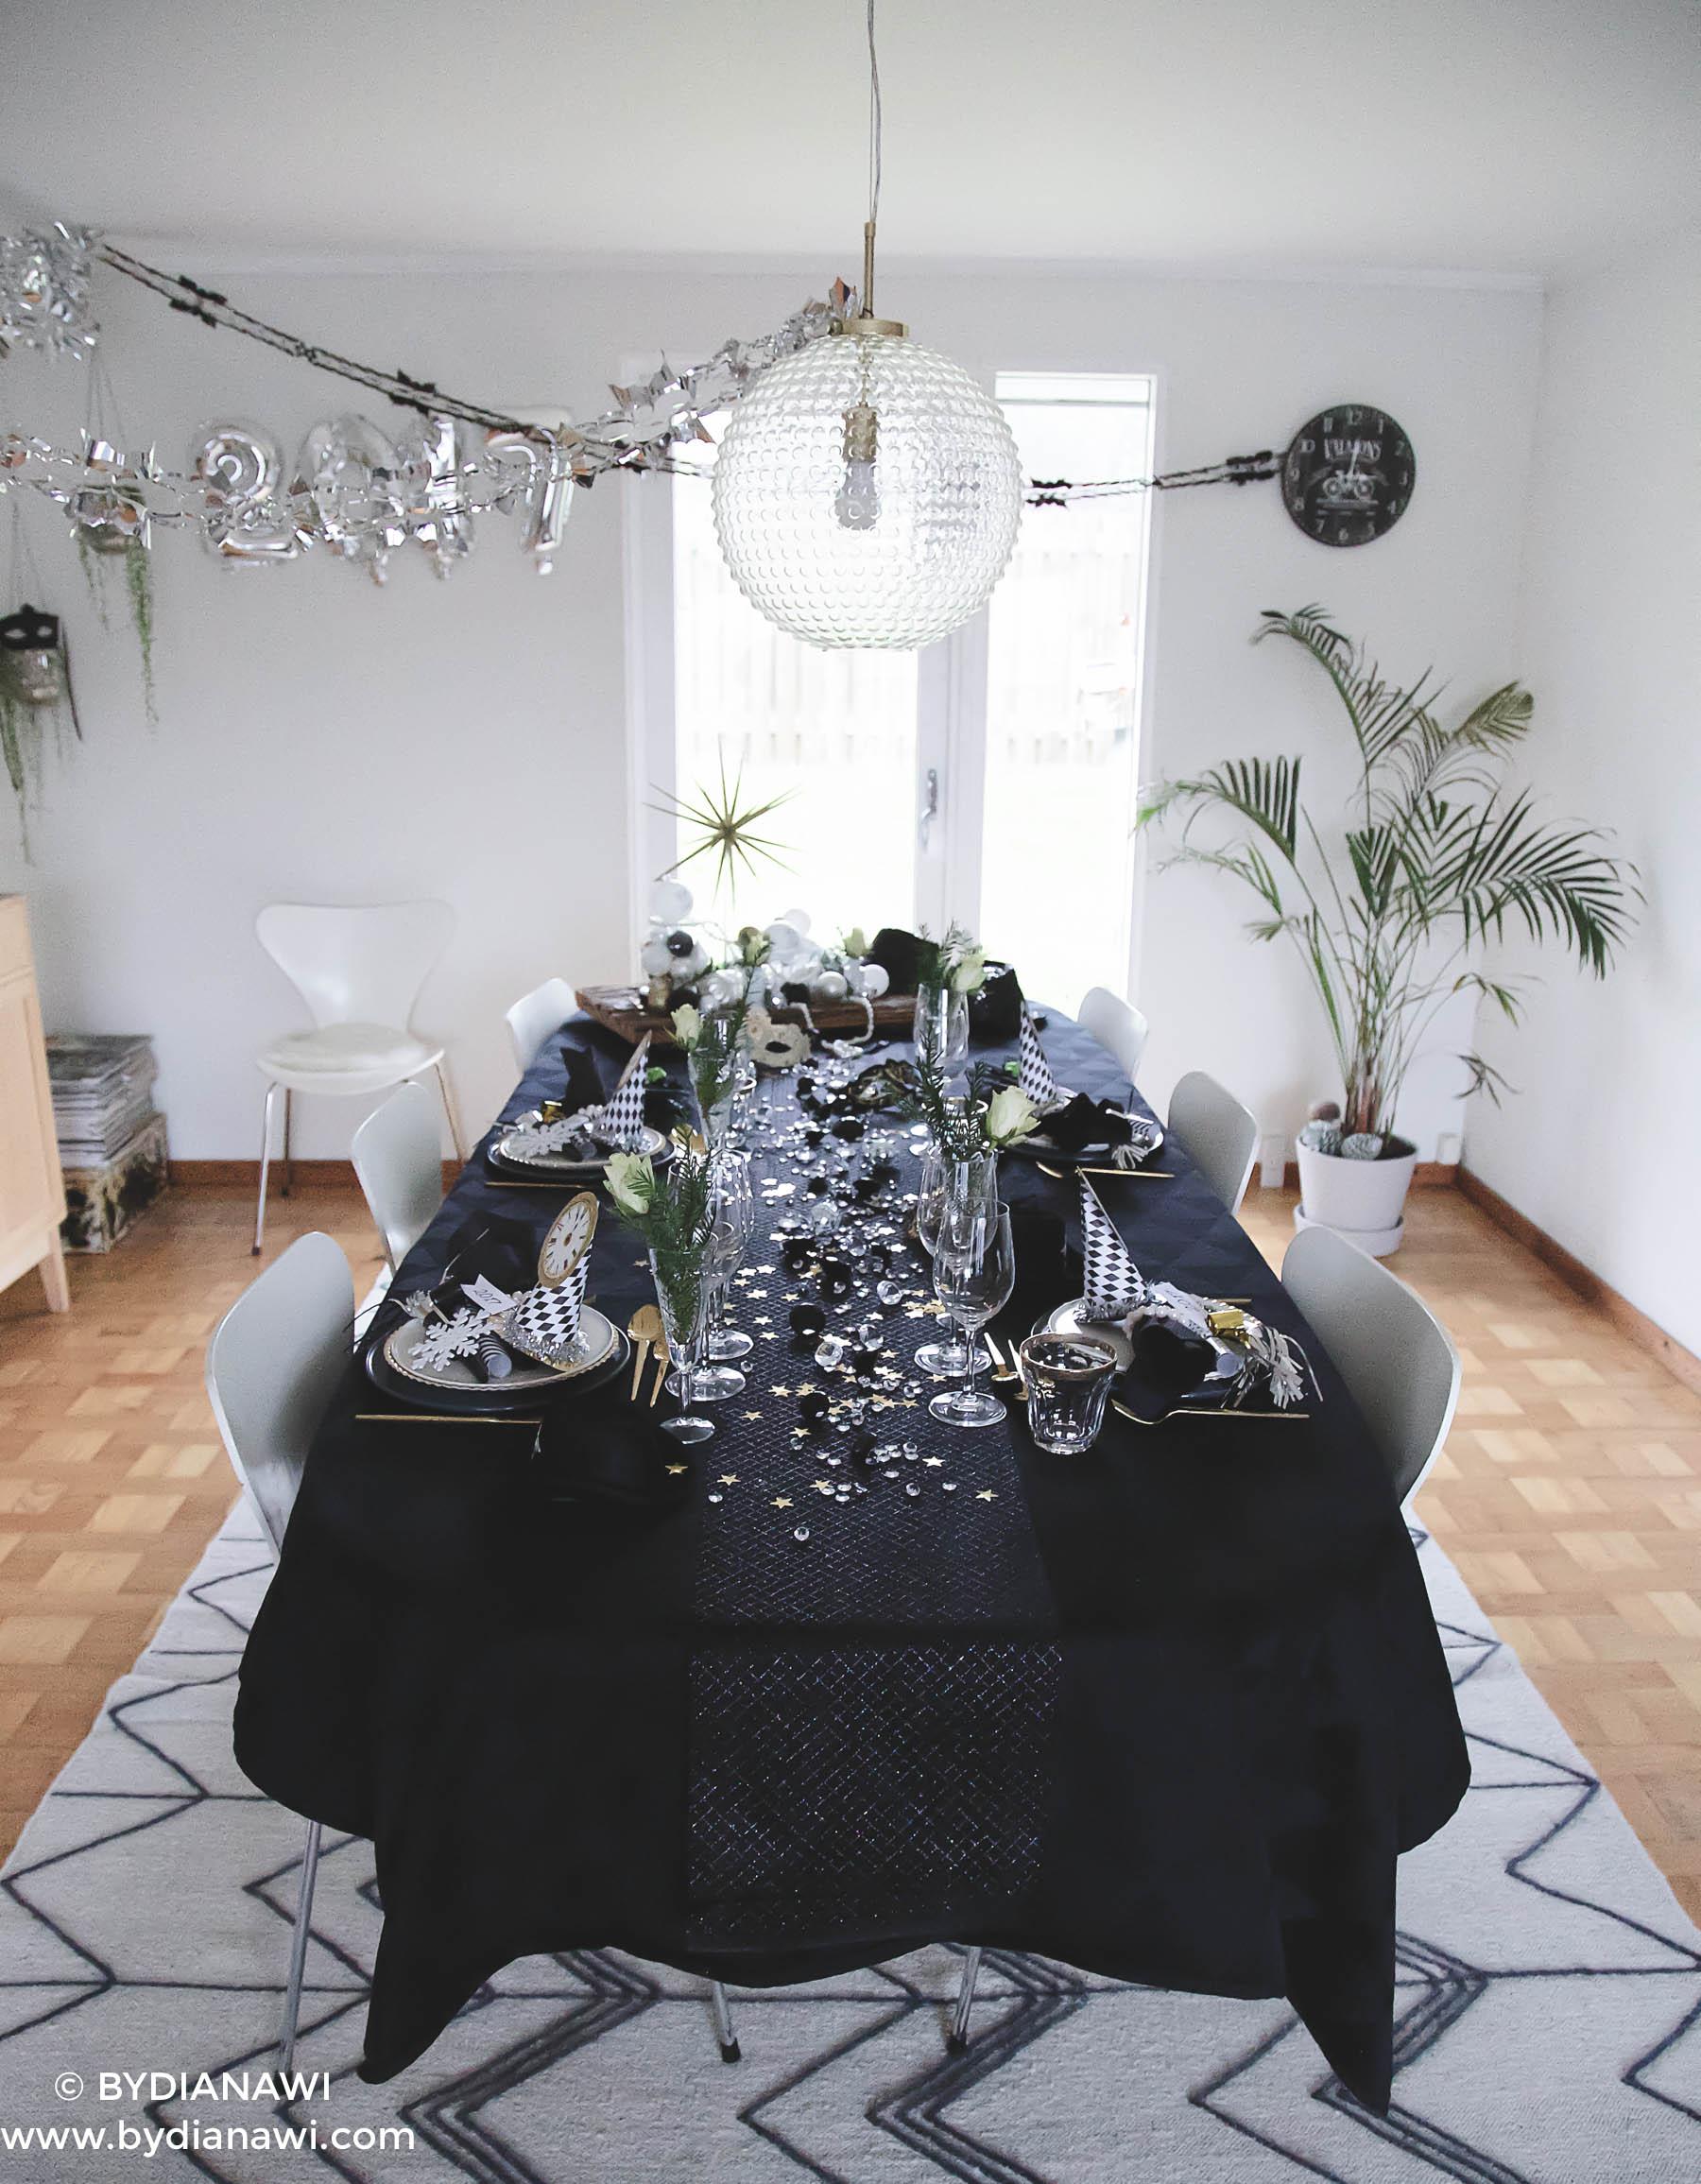 nytårsaften, borddækning nytårsaften, nytårsfest